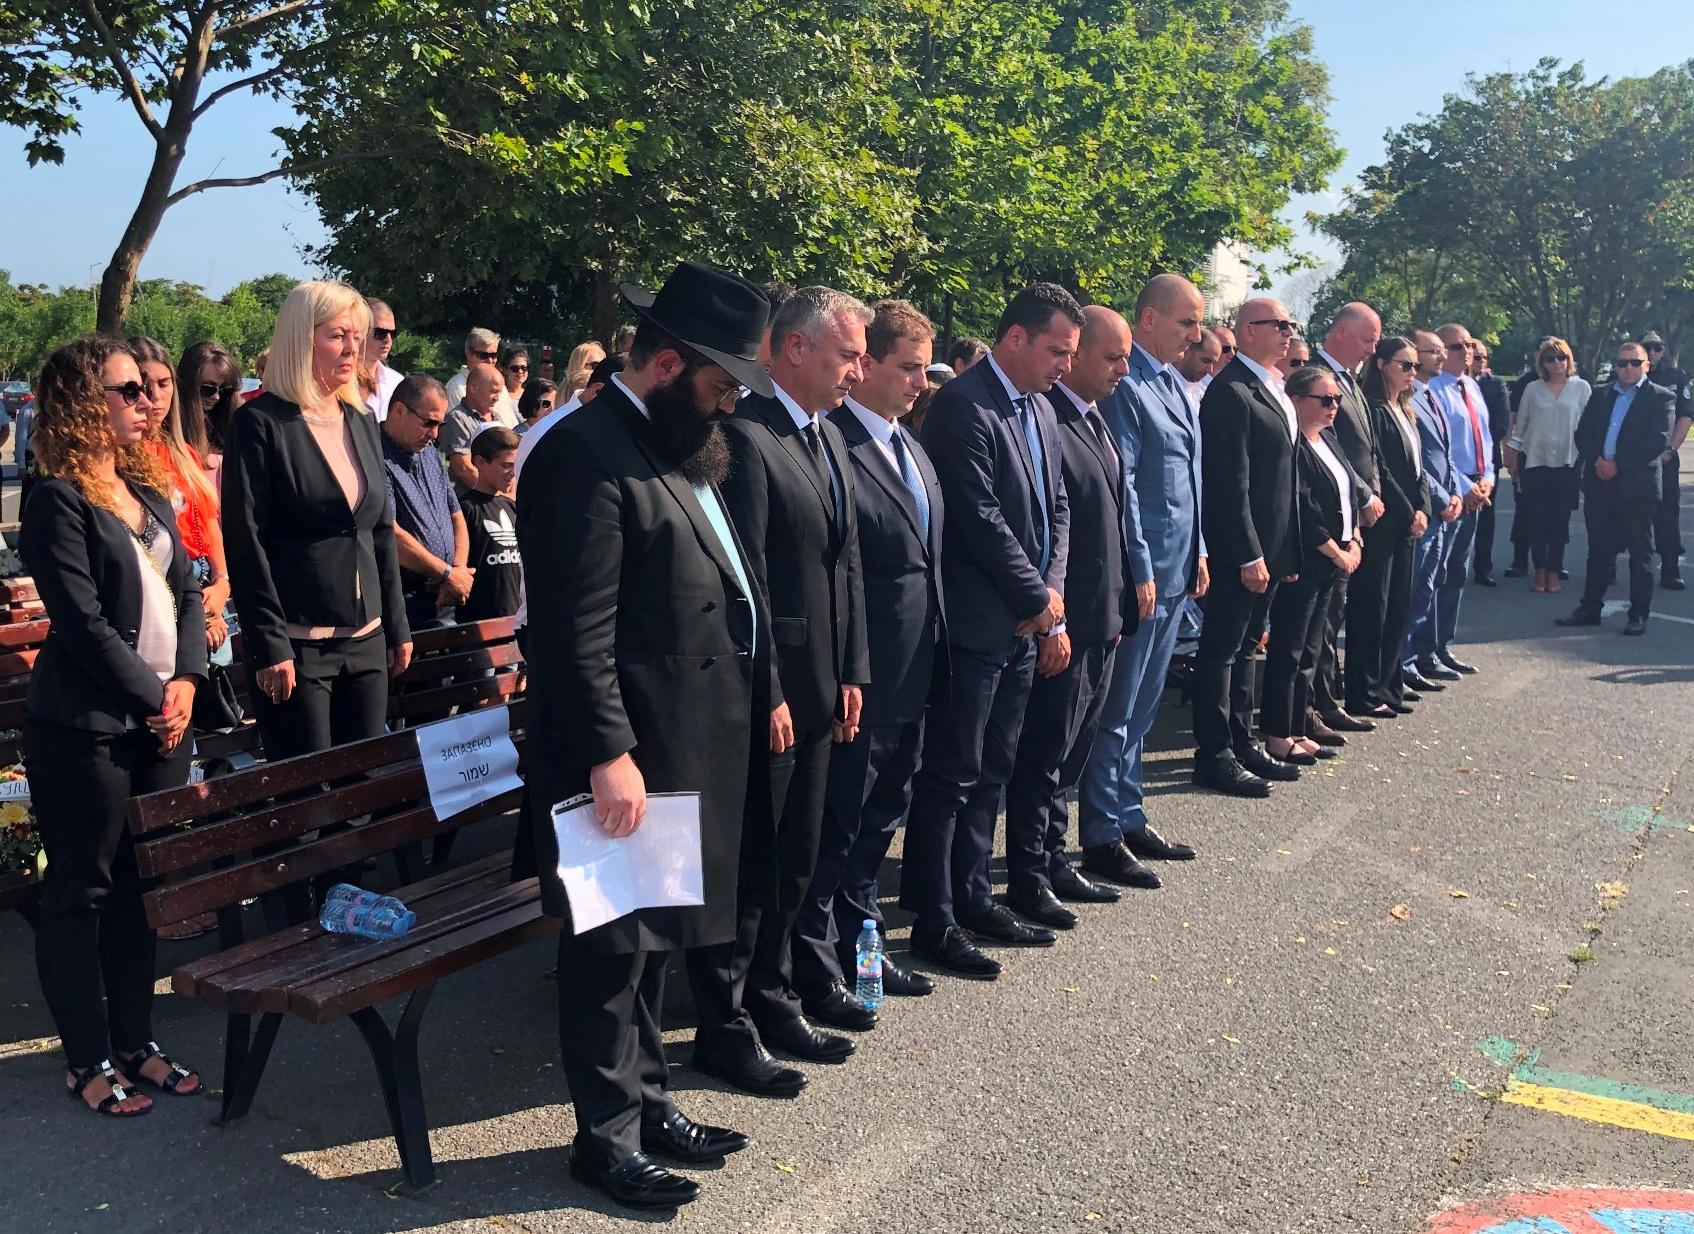 Баща на загинал в атентата на летище Бургас: Българското правителство да загърби тесните политически съображения  и да повдигне обвинение срещу Хисбулла без никакво колебание